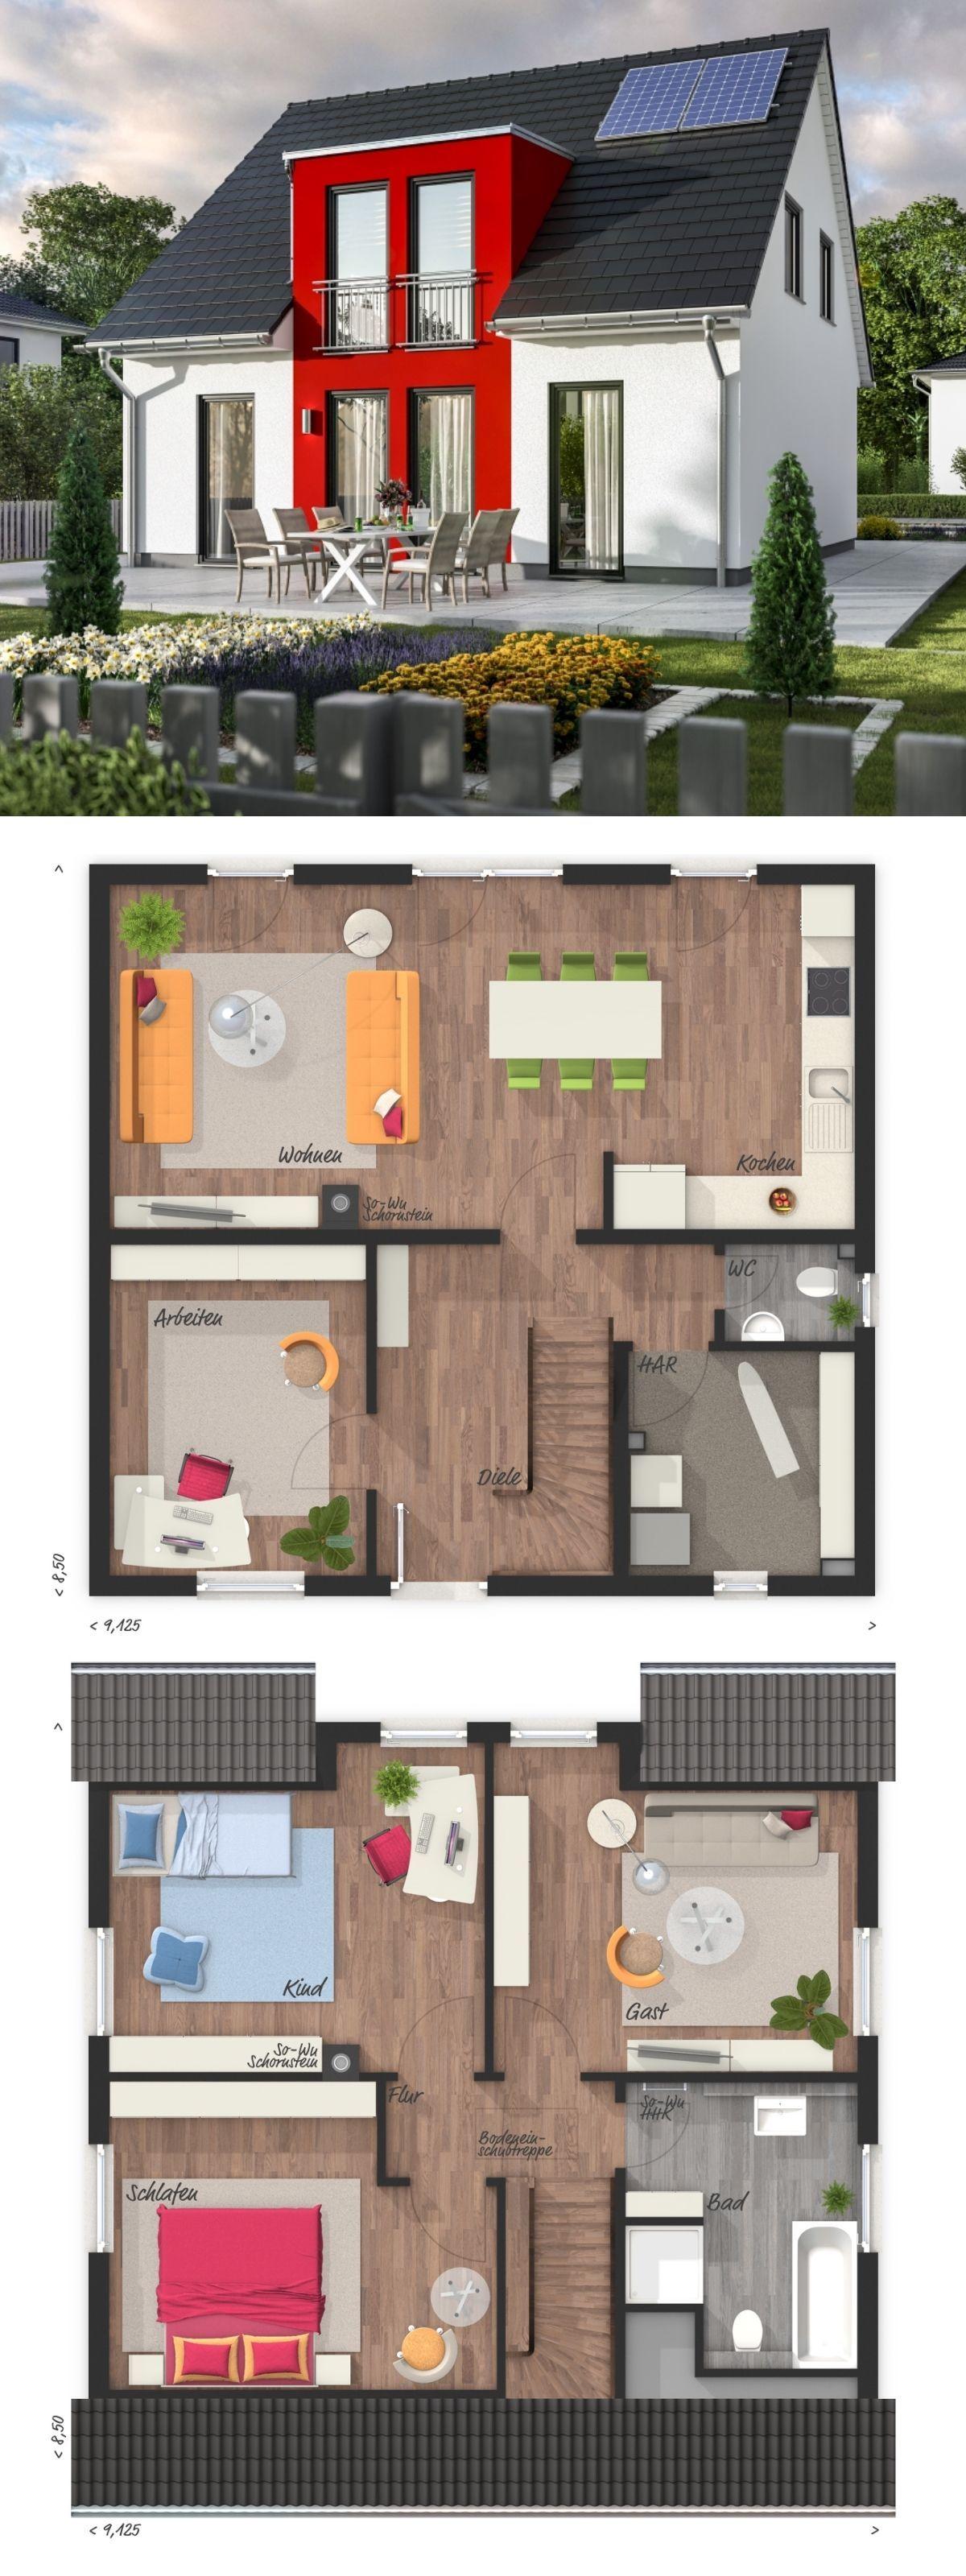 Einfamilienhaus modern Grundriss mit Satteldach